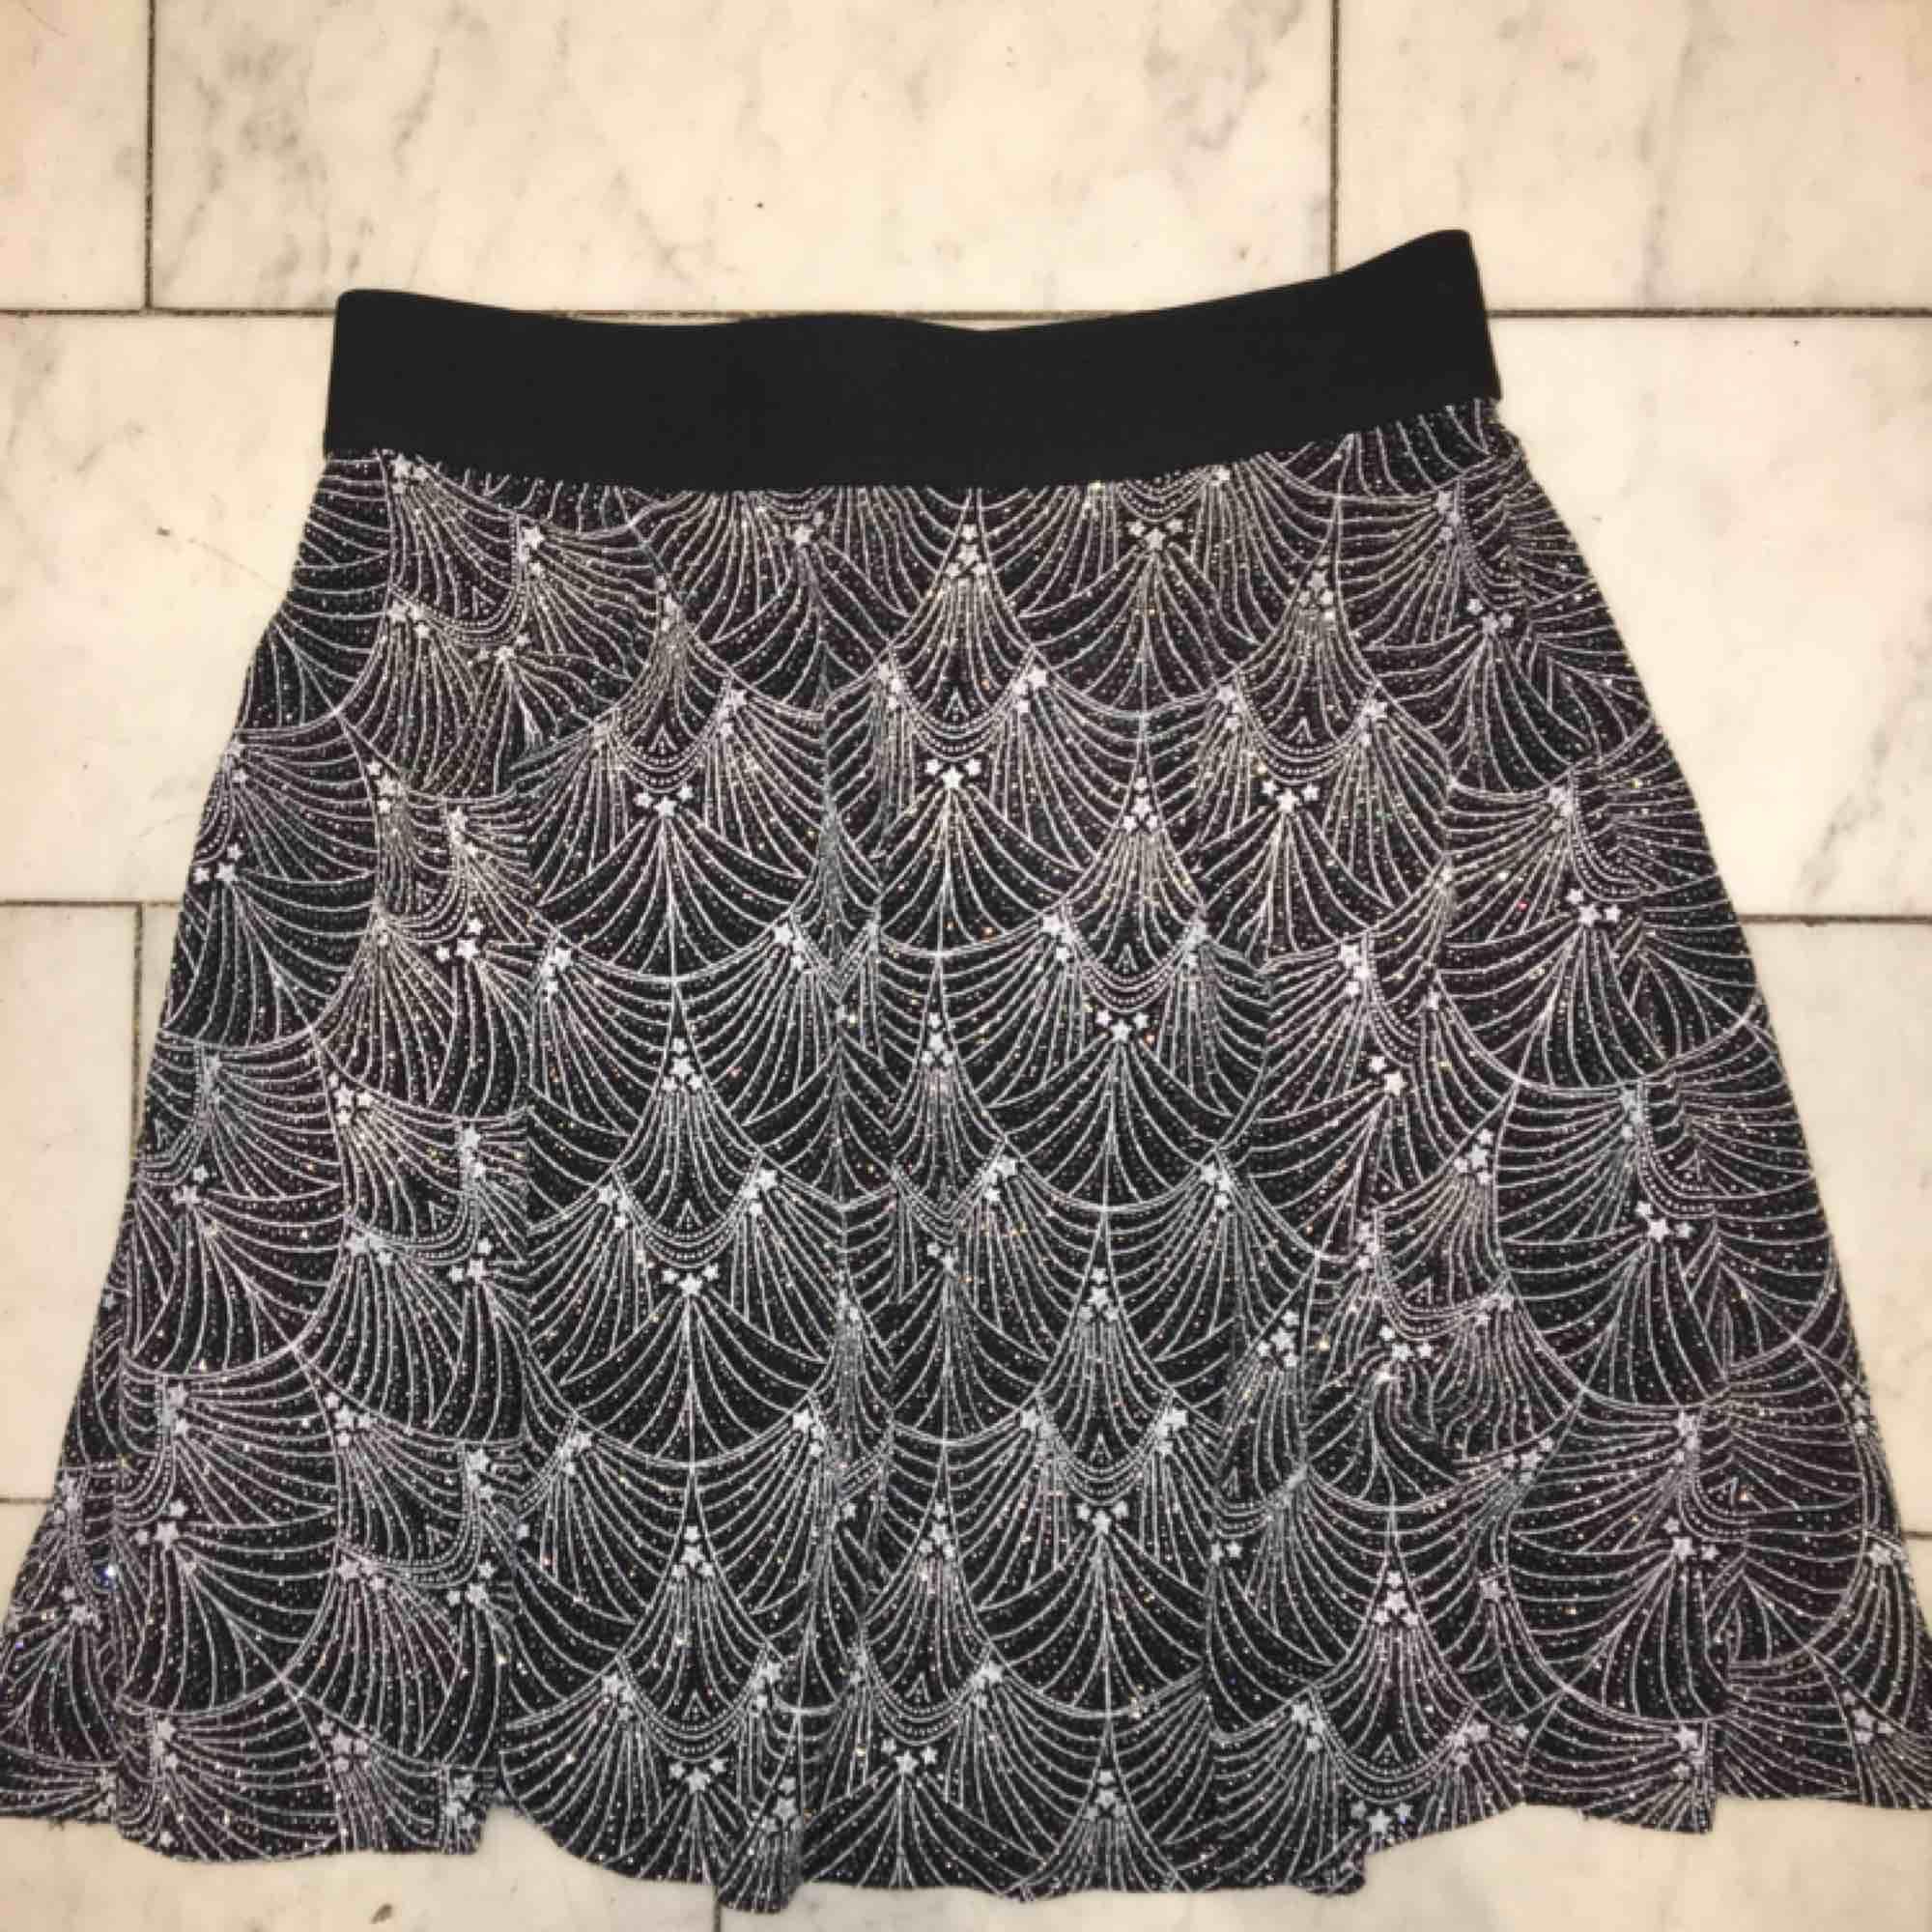 En svart-glittrig kjol med stjärnor✨✨Endast använd en gång och i superfint skick!⚡️⚡️. Kjolar.